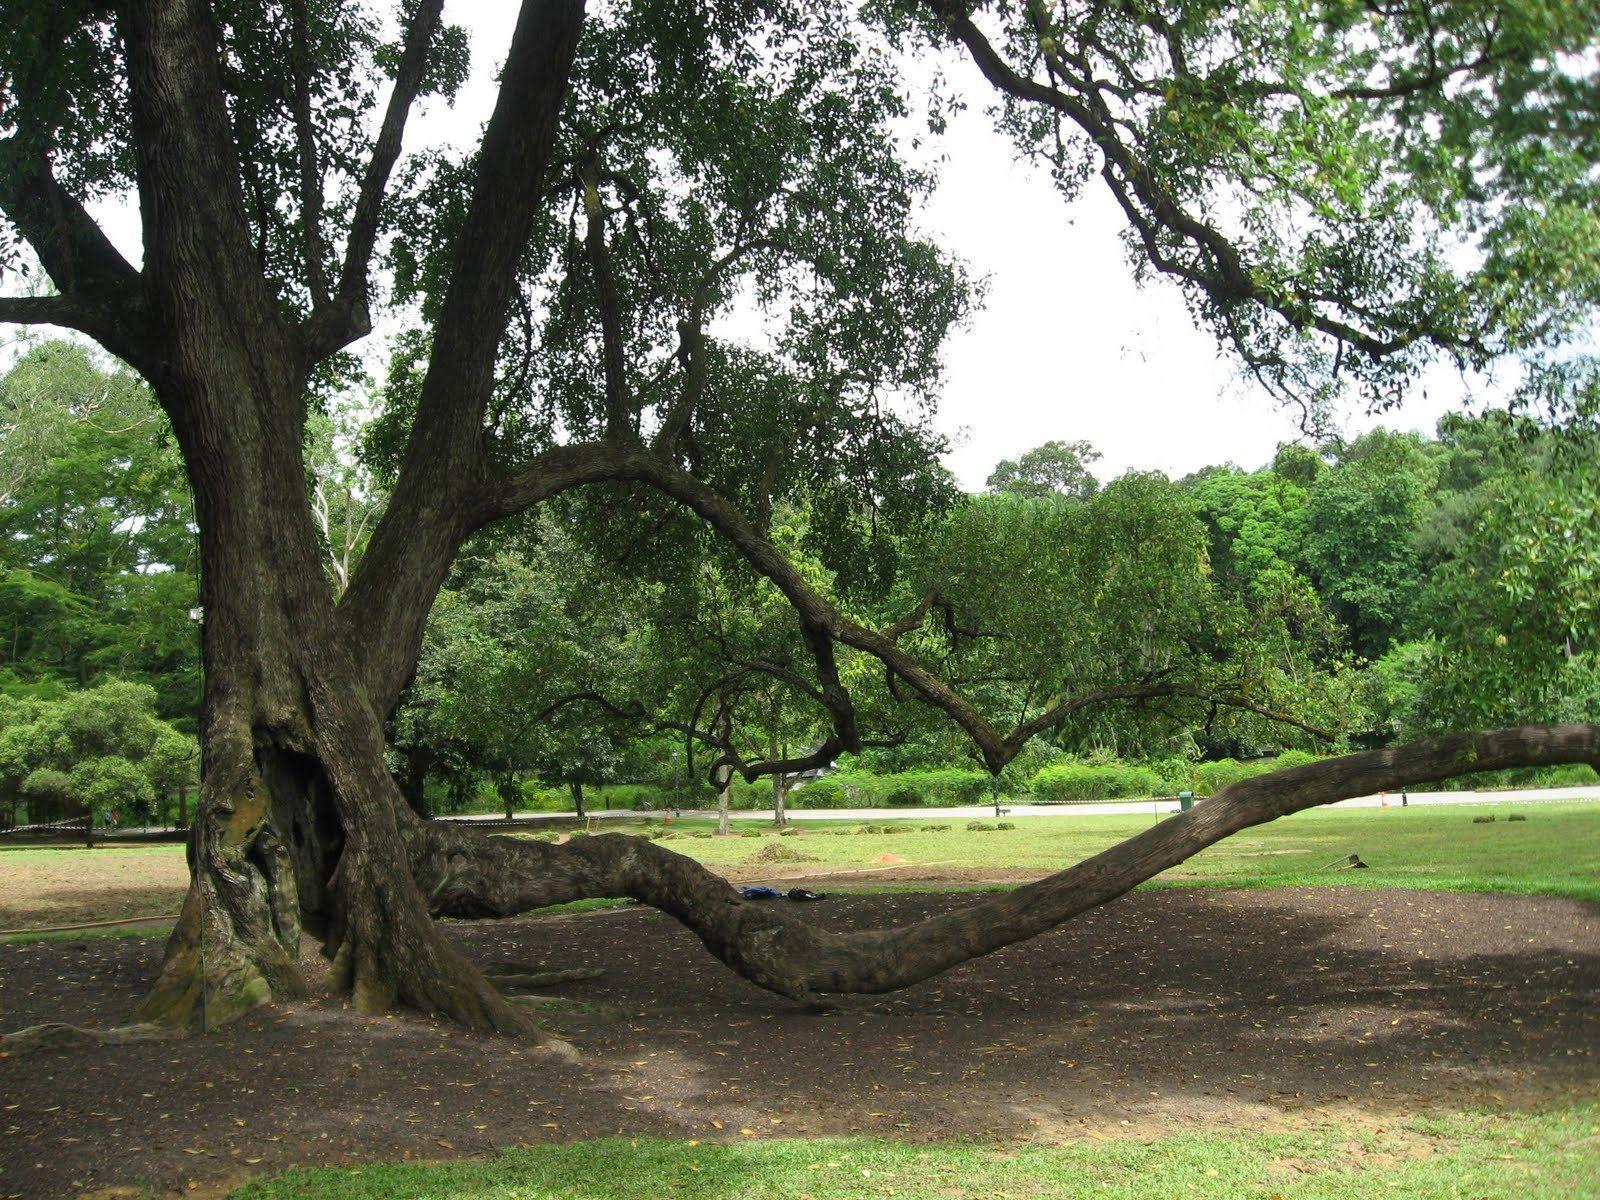 Tembusu Tree on the $5 note | Tree, Singapore botanic gardens, Singapore